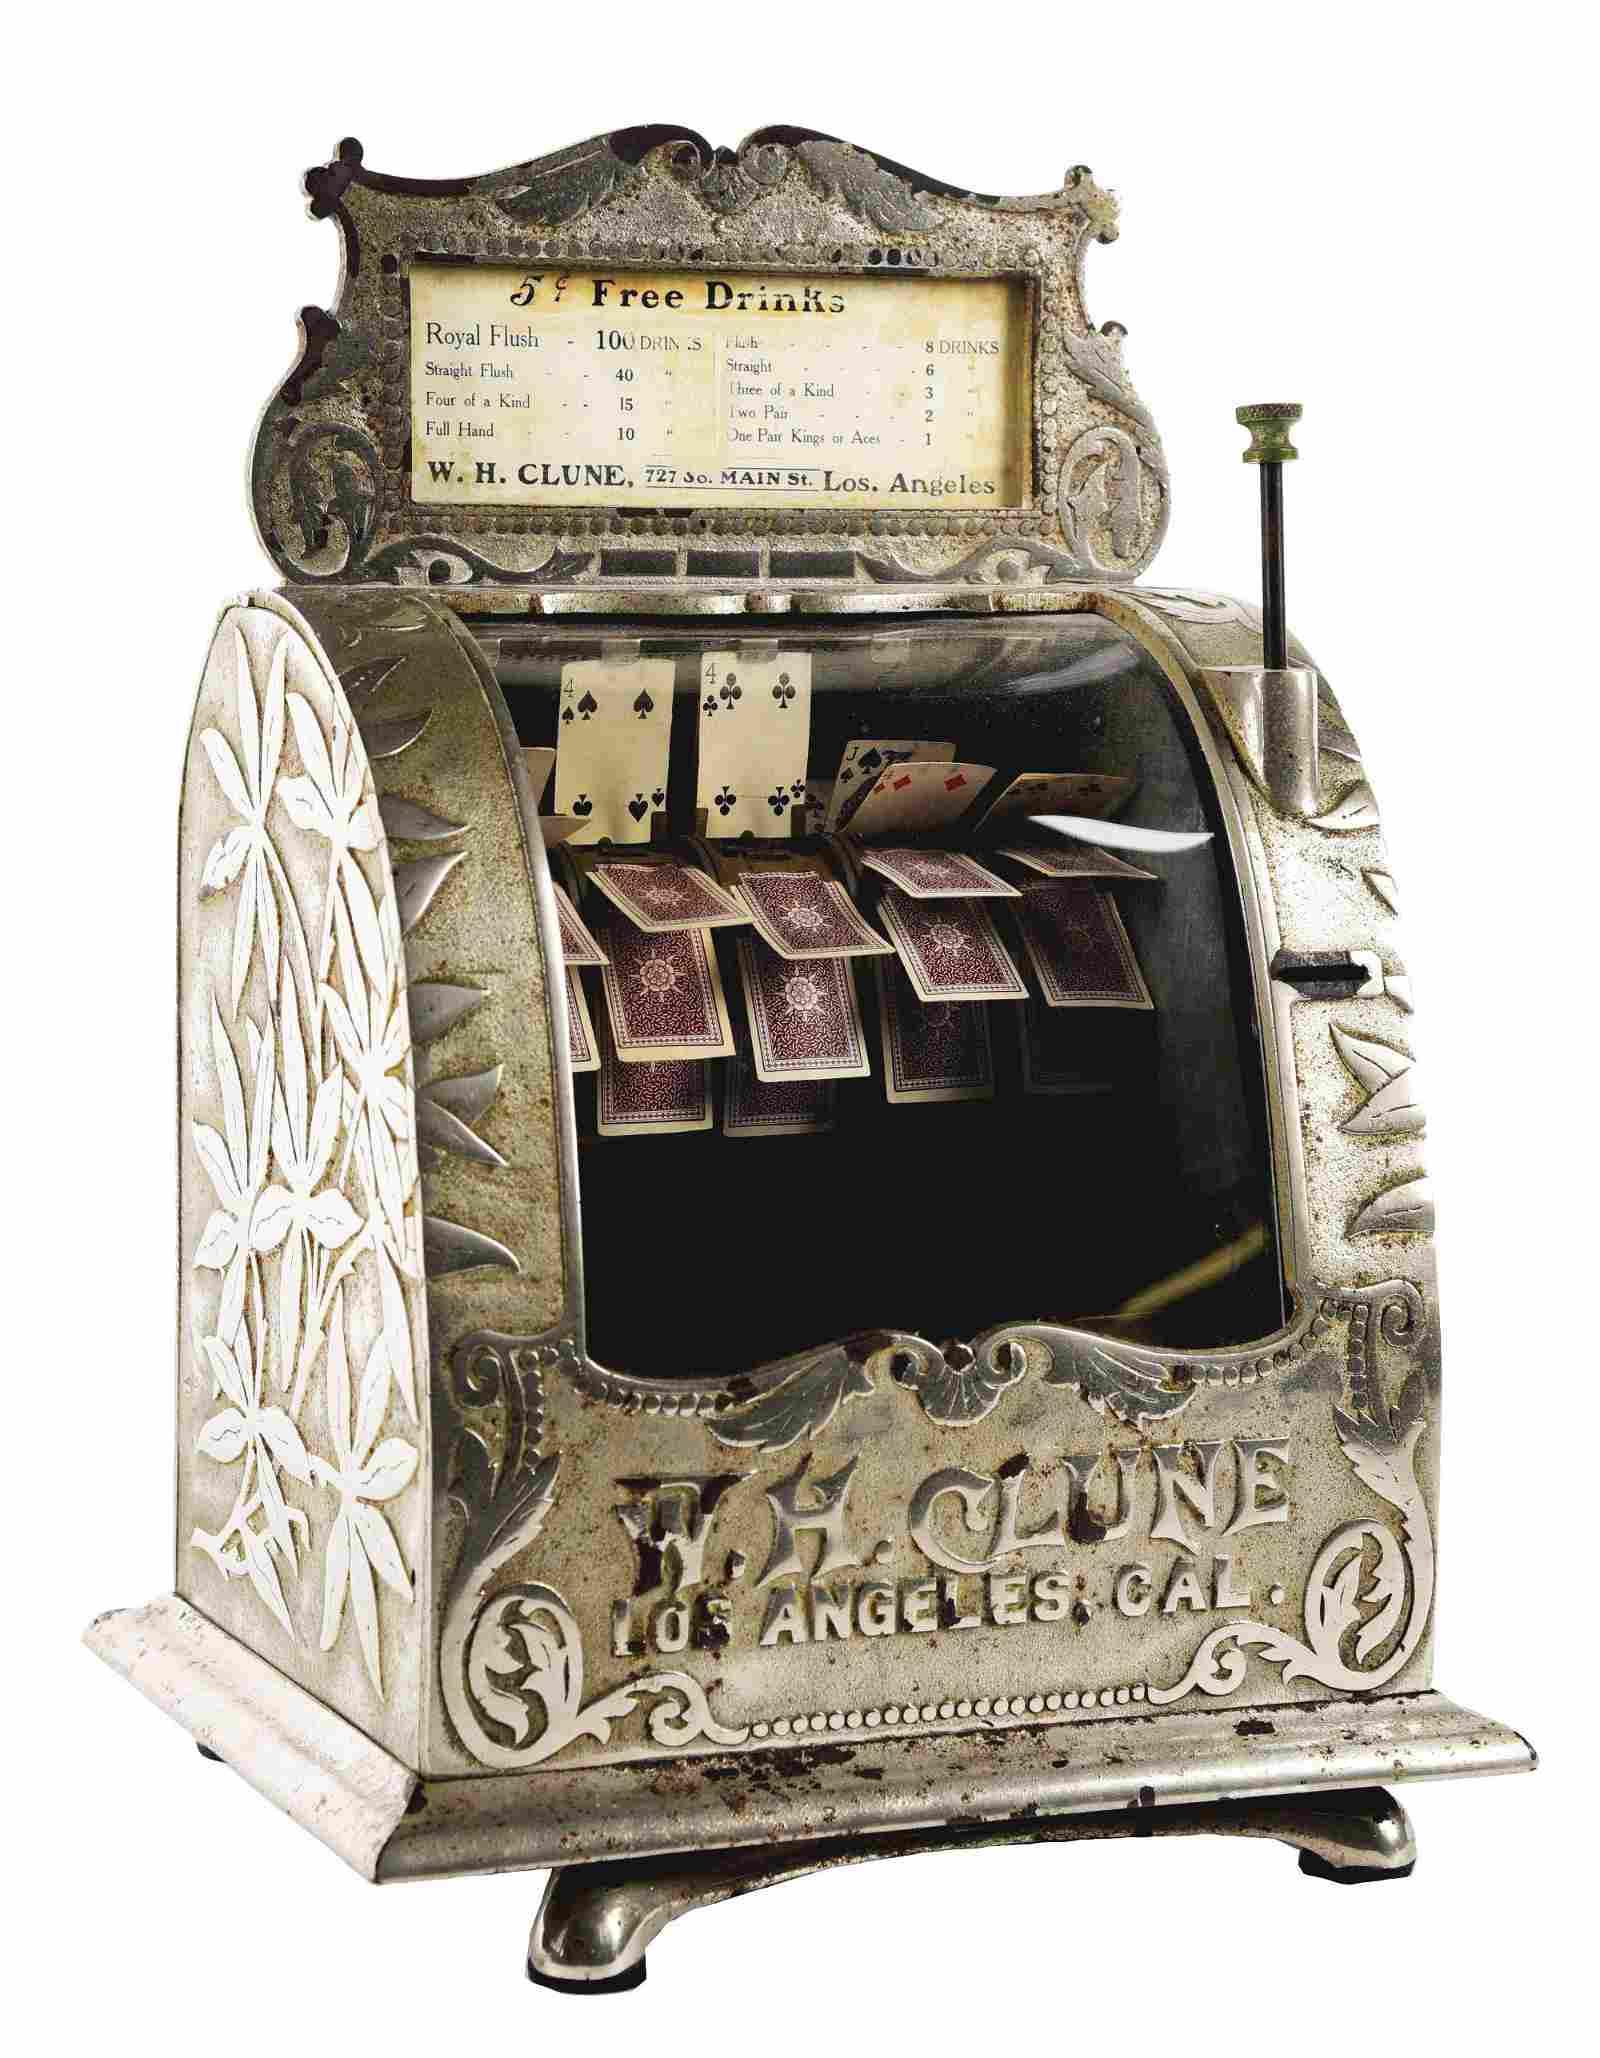 5¢ W. H. CLUNE CARD MACHINE TRADE STIMULATOR.